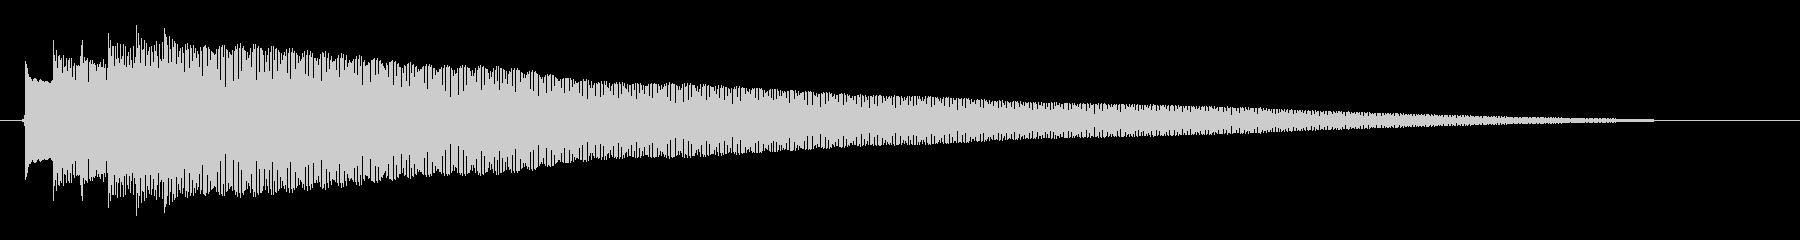 「ピンポンピンポン〜!」クイズに正解し…の未再生の波形